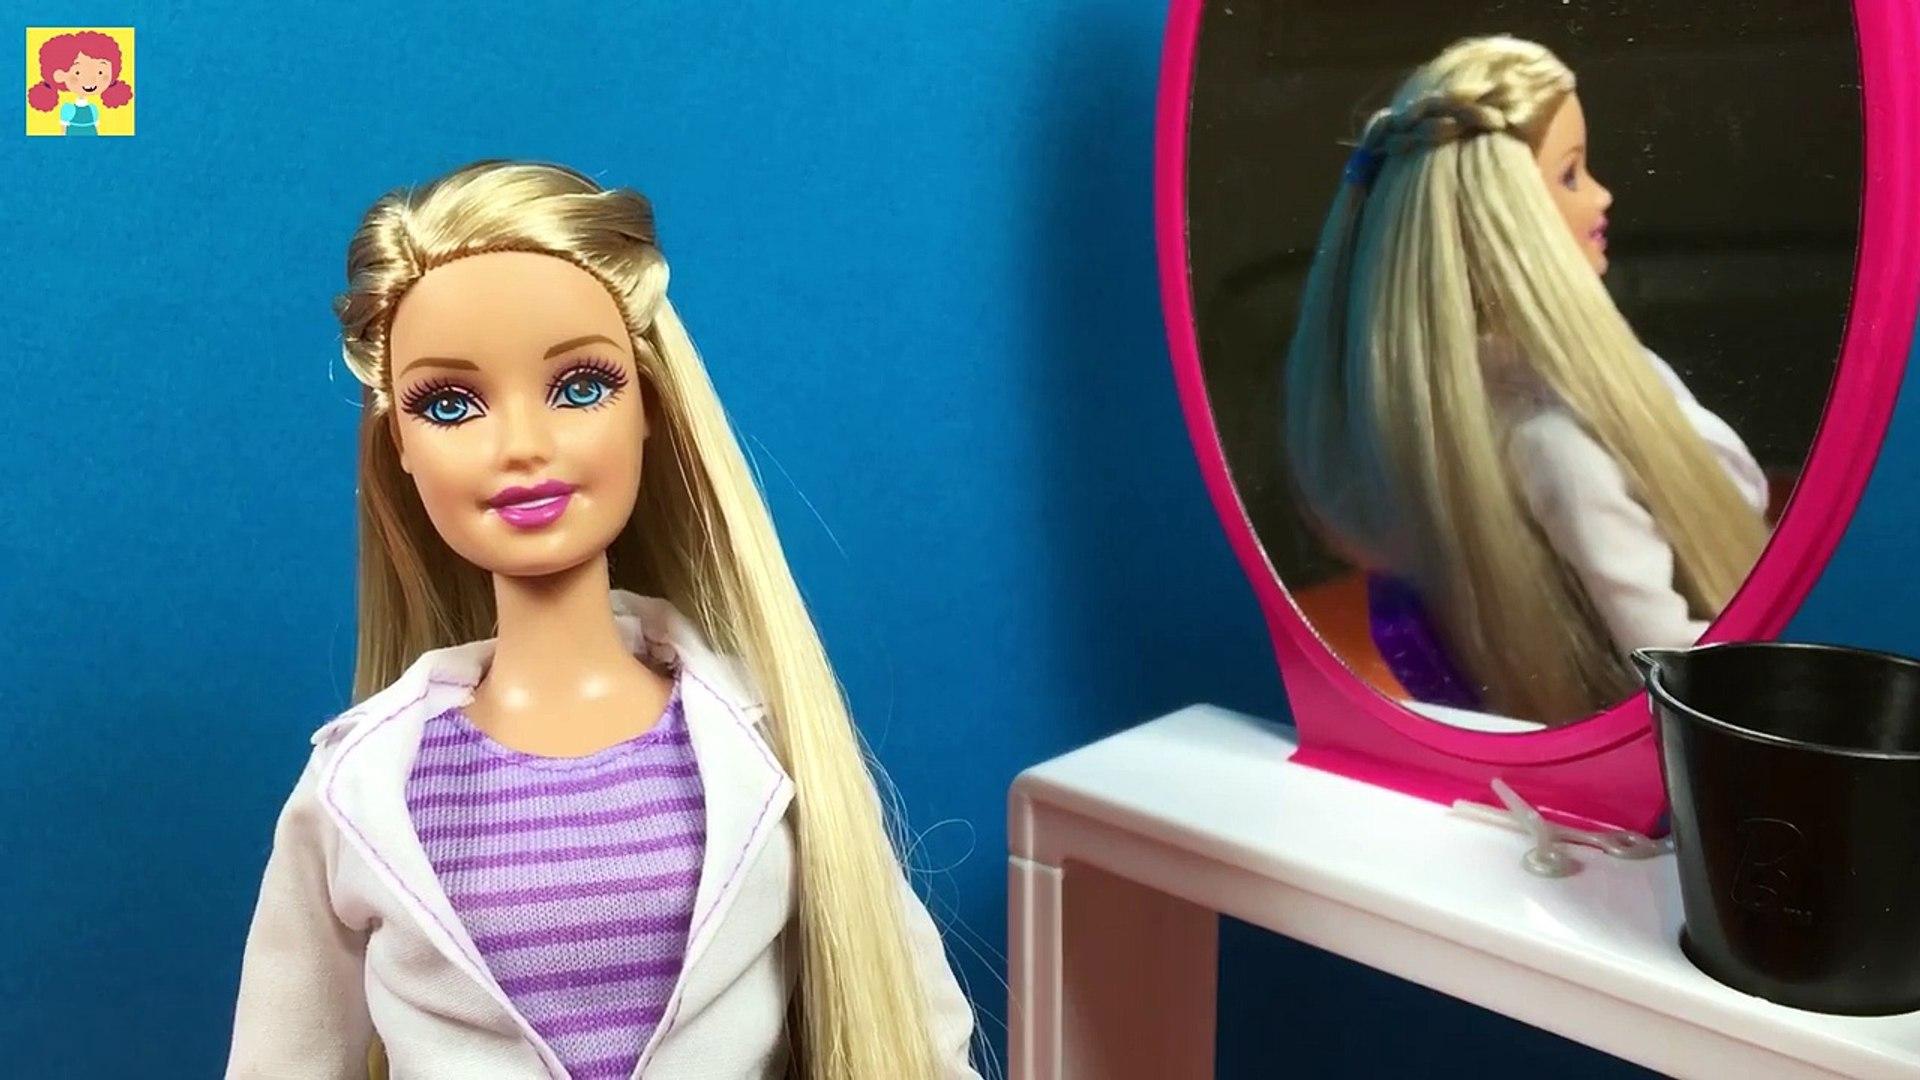 Back To School Hairstyles of Barbie Doll - DIY Barbie Hair Tutorial -  Making Kids Toys